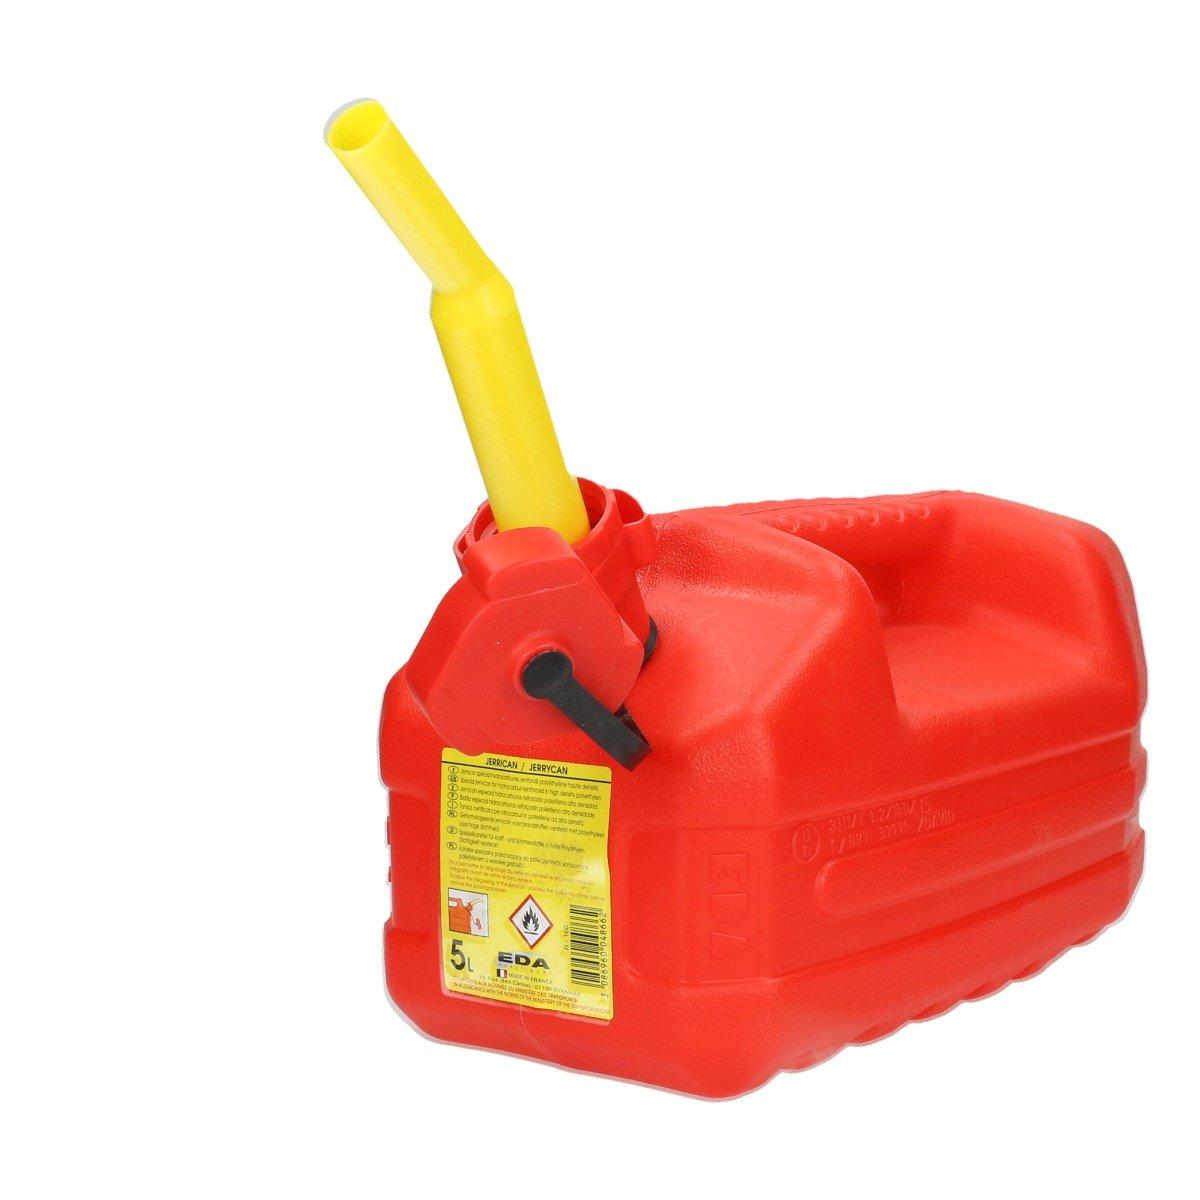 Afbeelding van EDA benzine jerrycan 5 liter